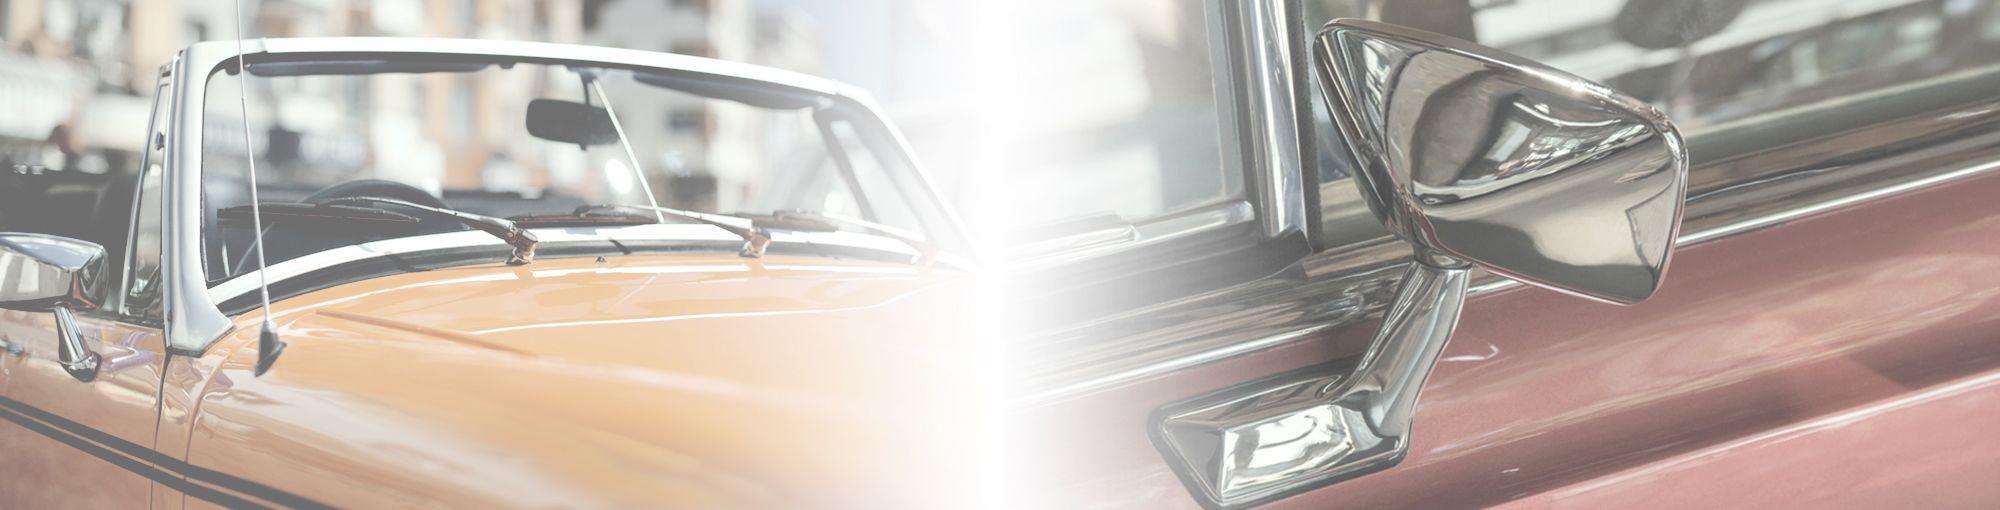 Vindusviskere og speil i klassisk bil